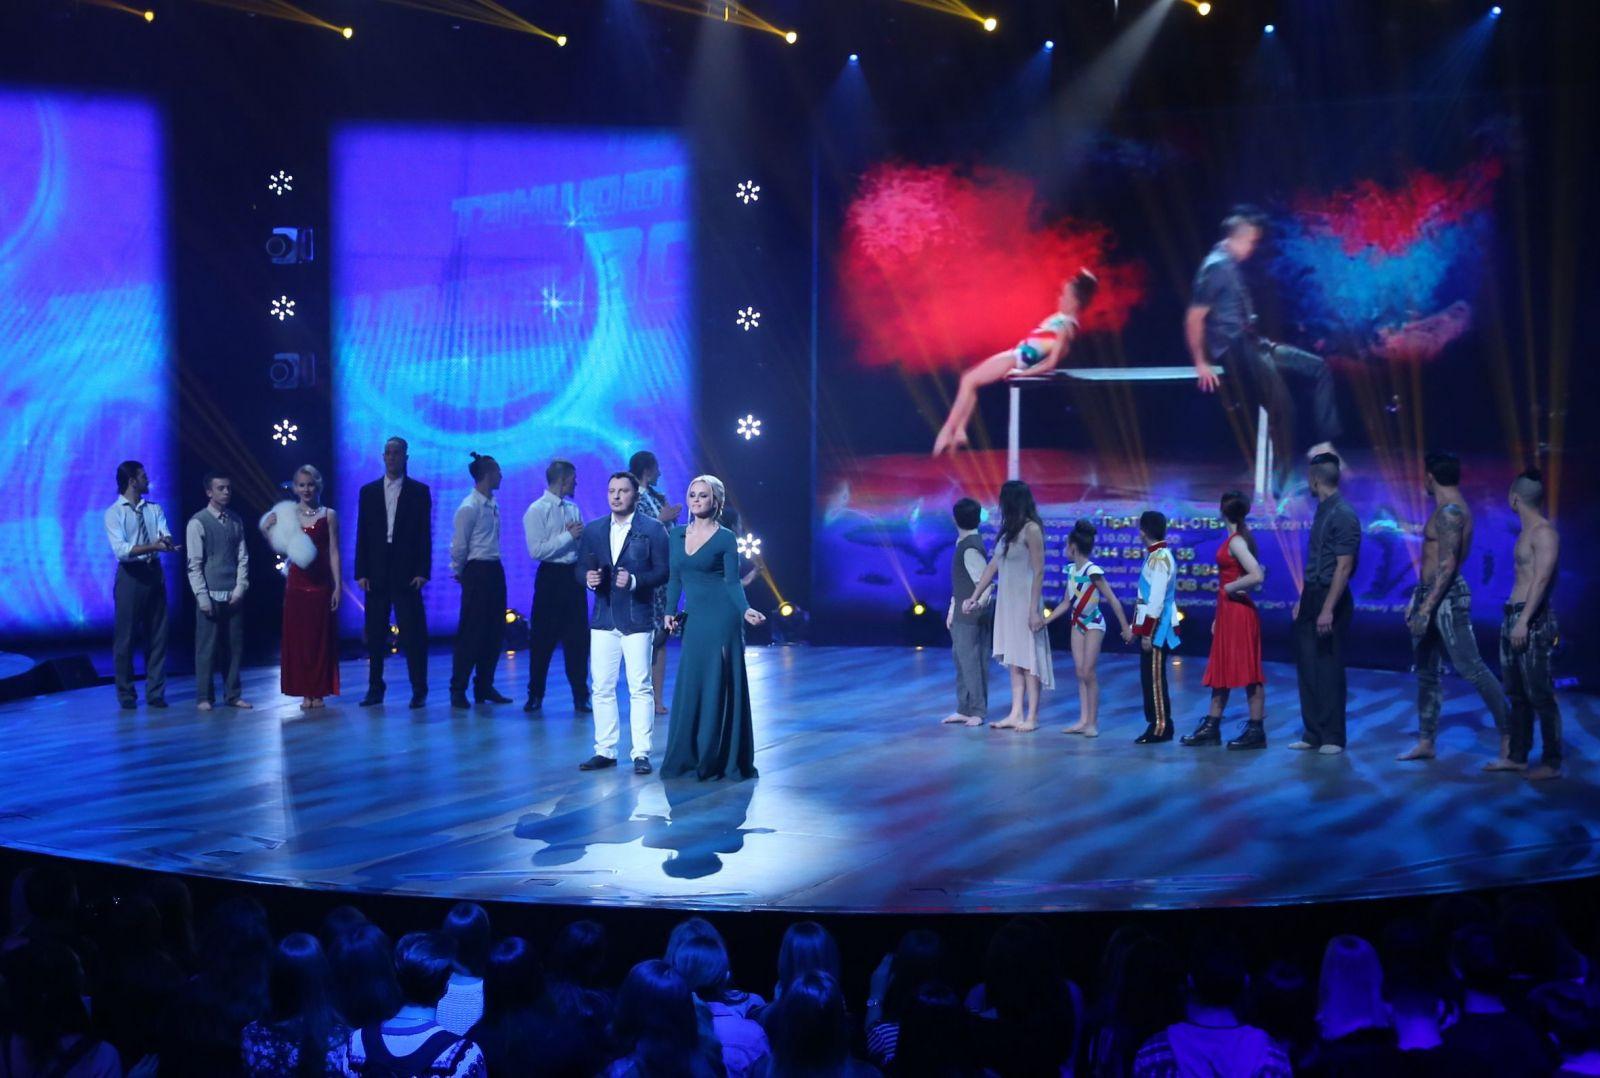 Шоу «Танцюють всі!» больше невыйдет вэфир